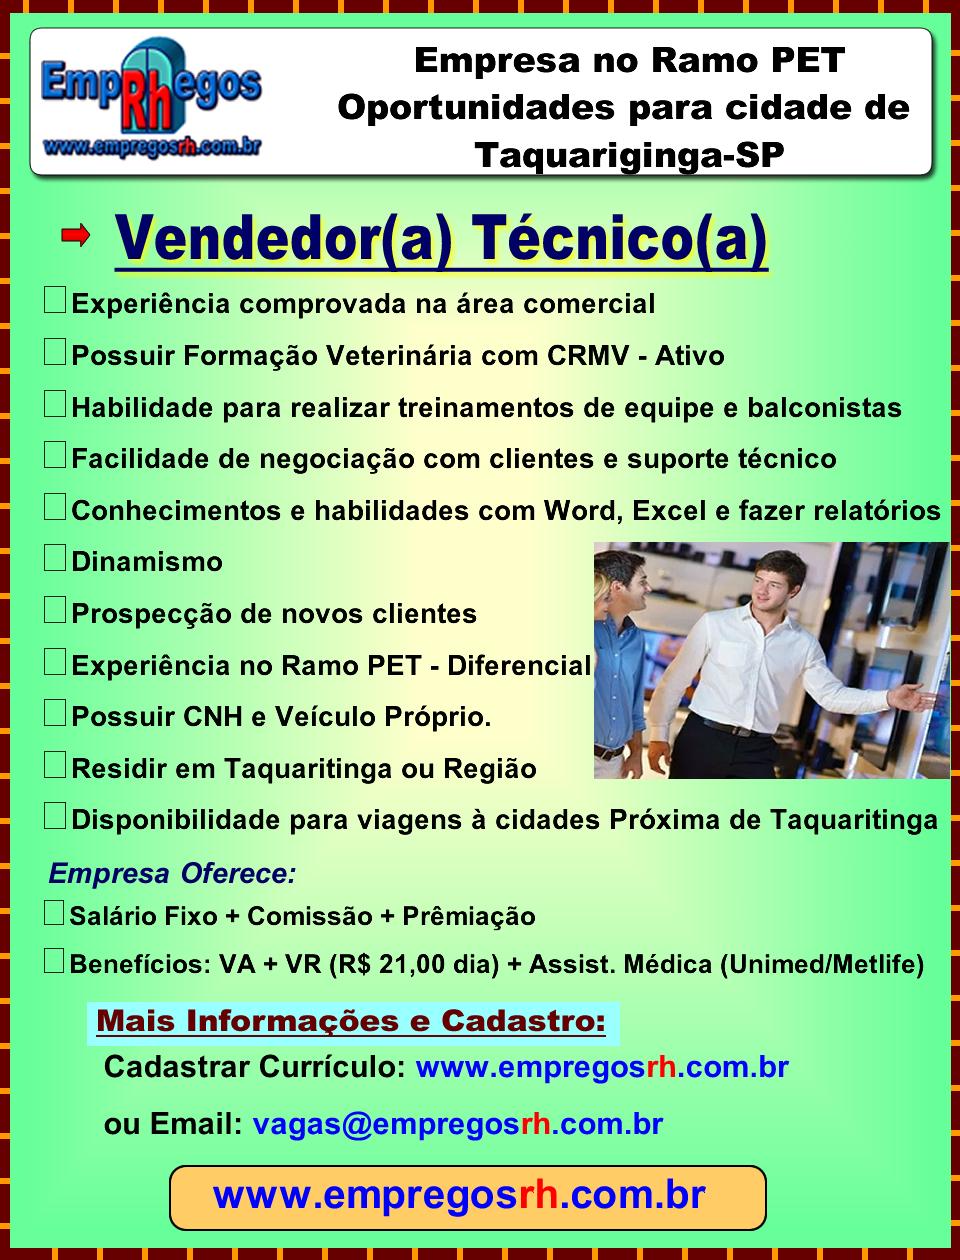 Vendedor(a) Técnico(a) Taquaritinga (Veterinário)